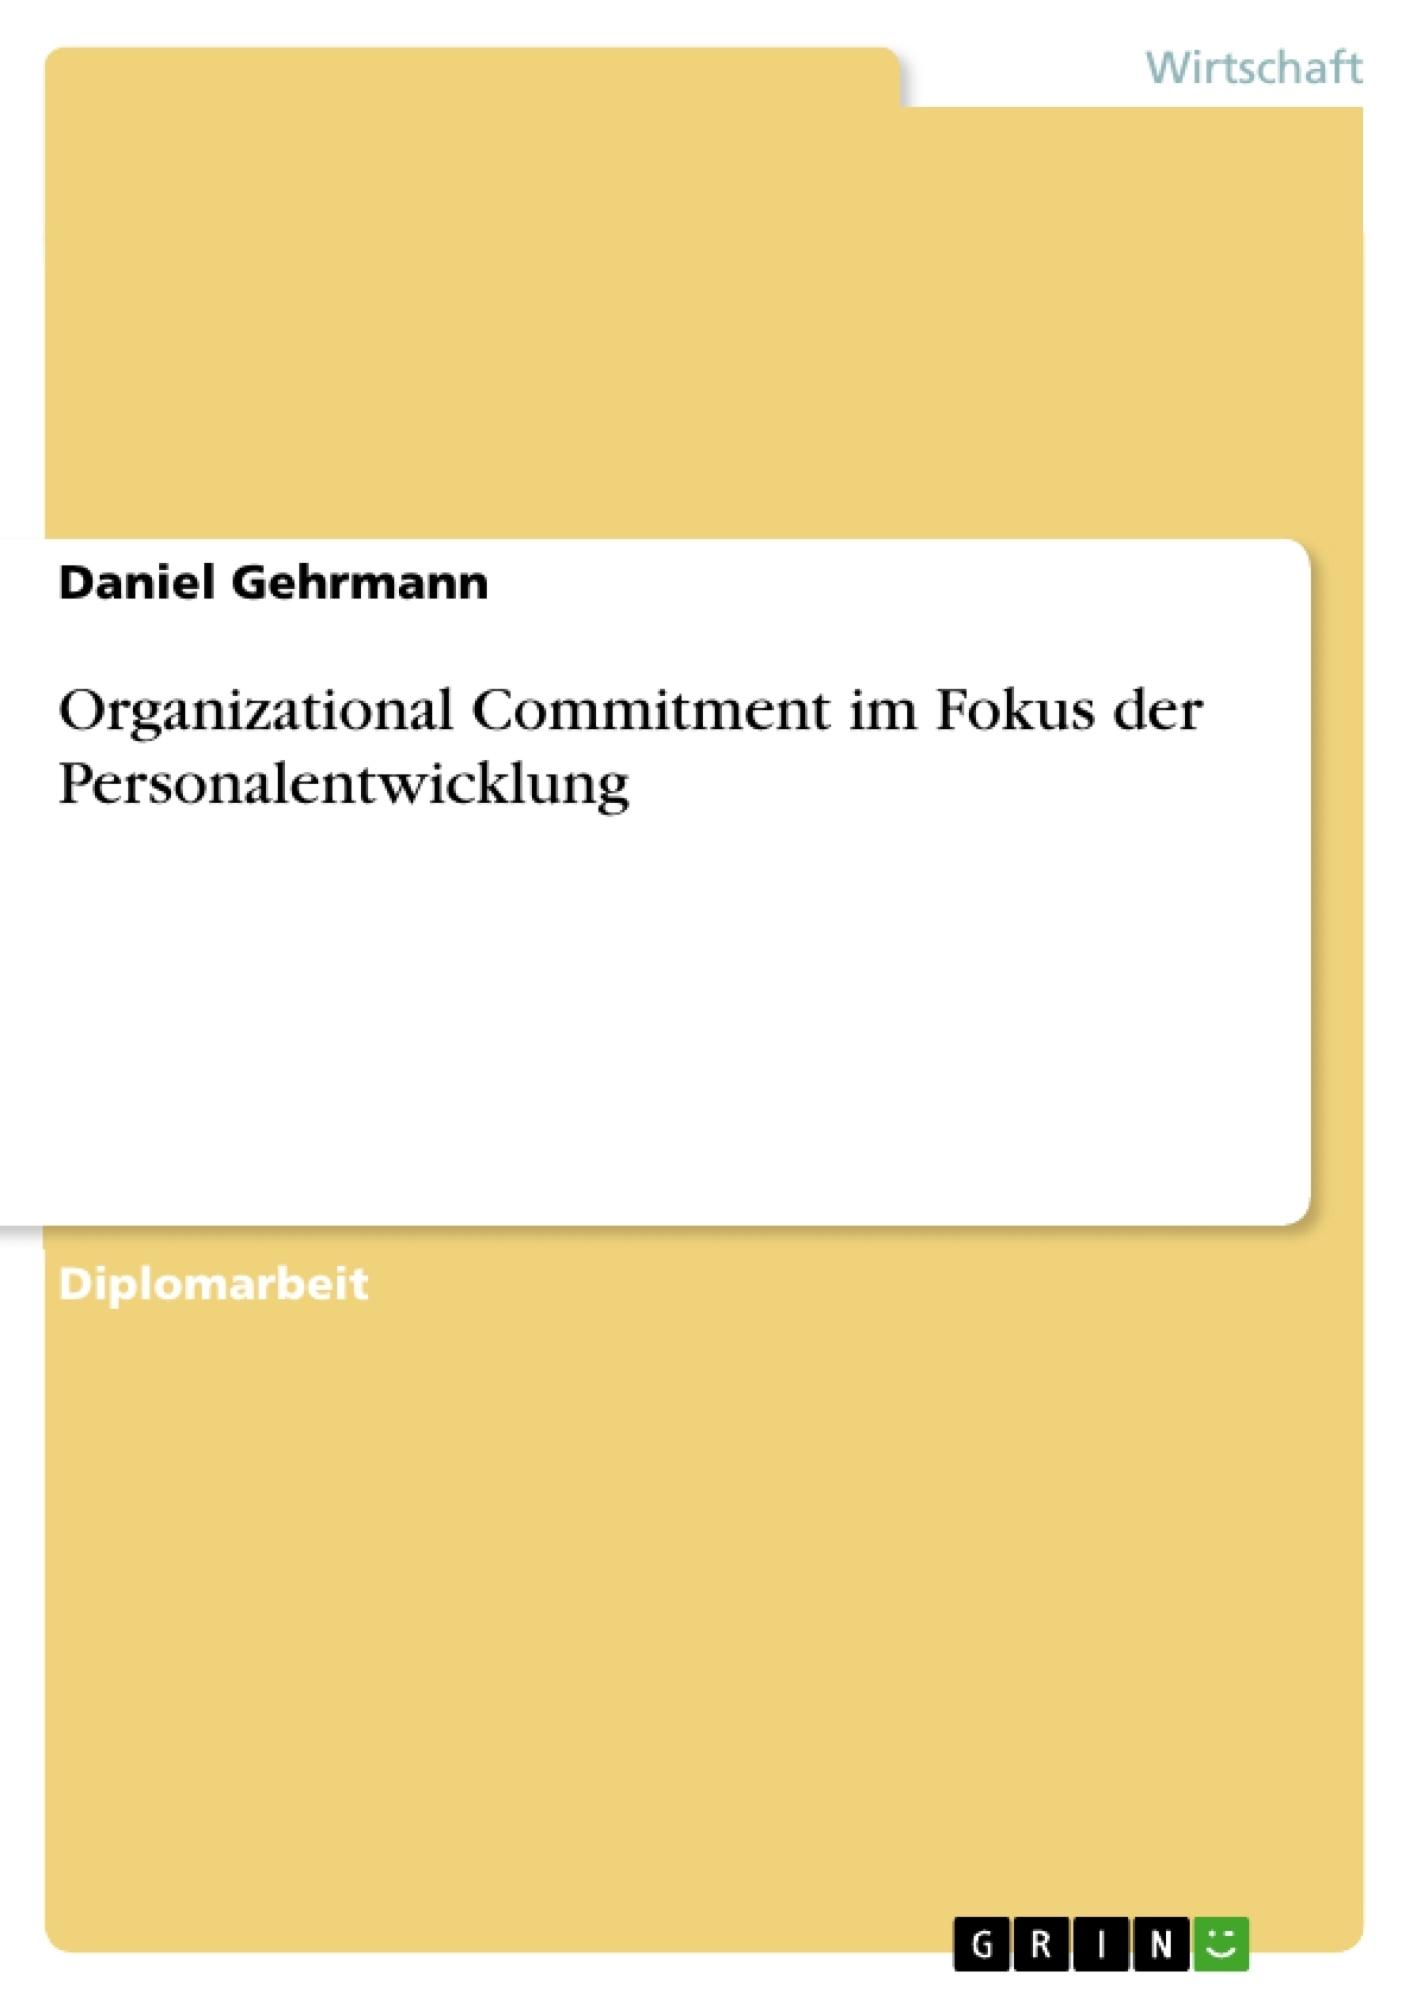 Titel: Organizational Commitment im Fokus der Personalentwicklung